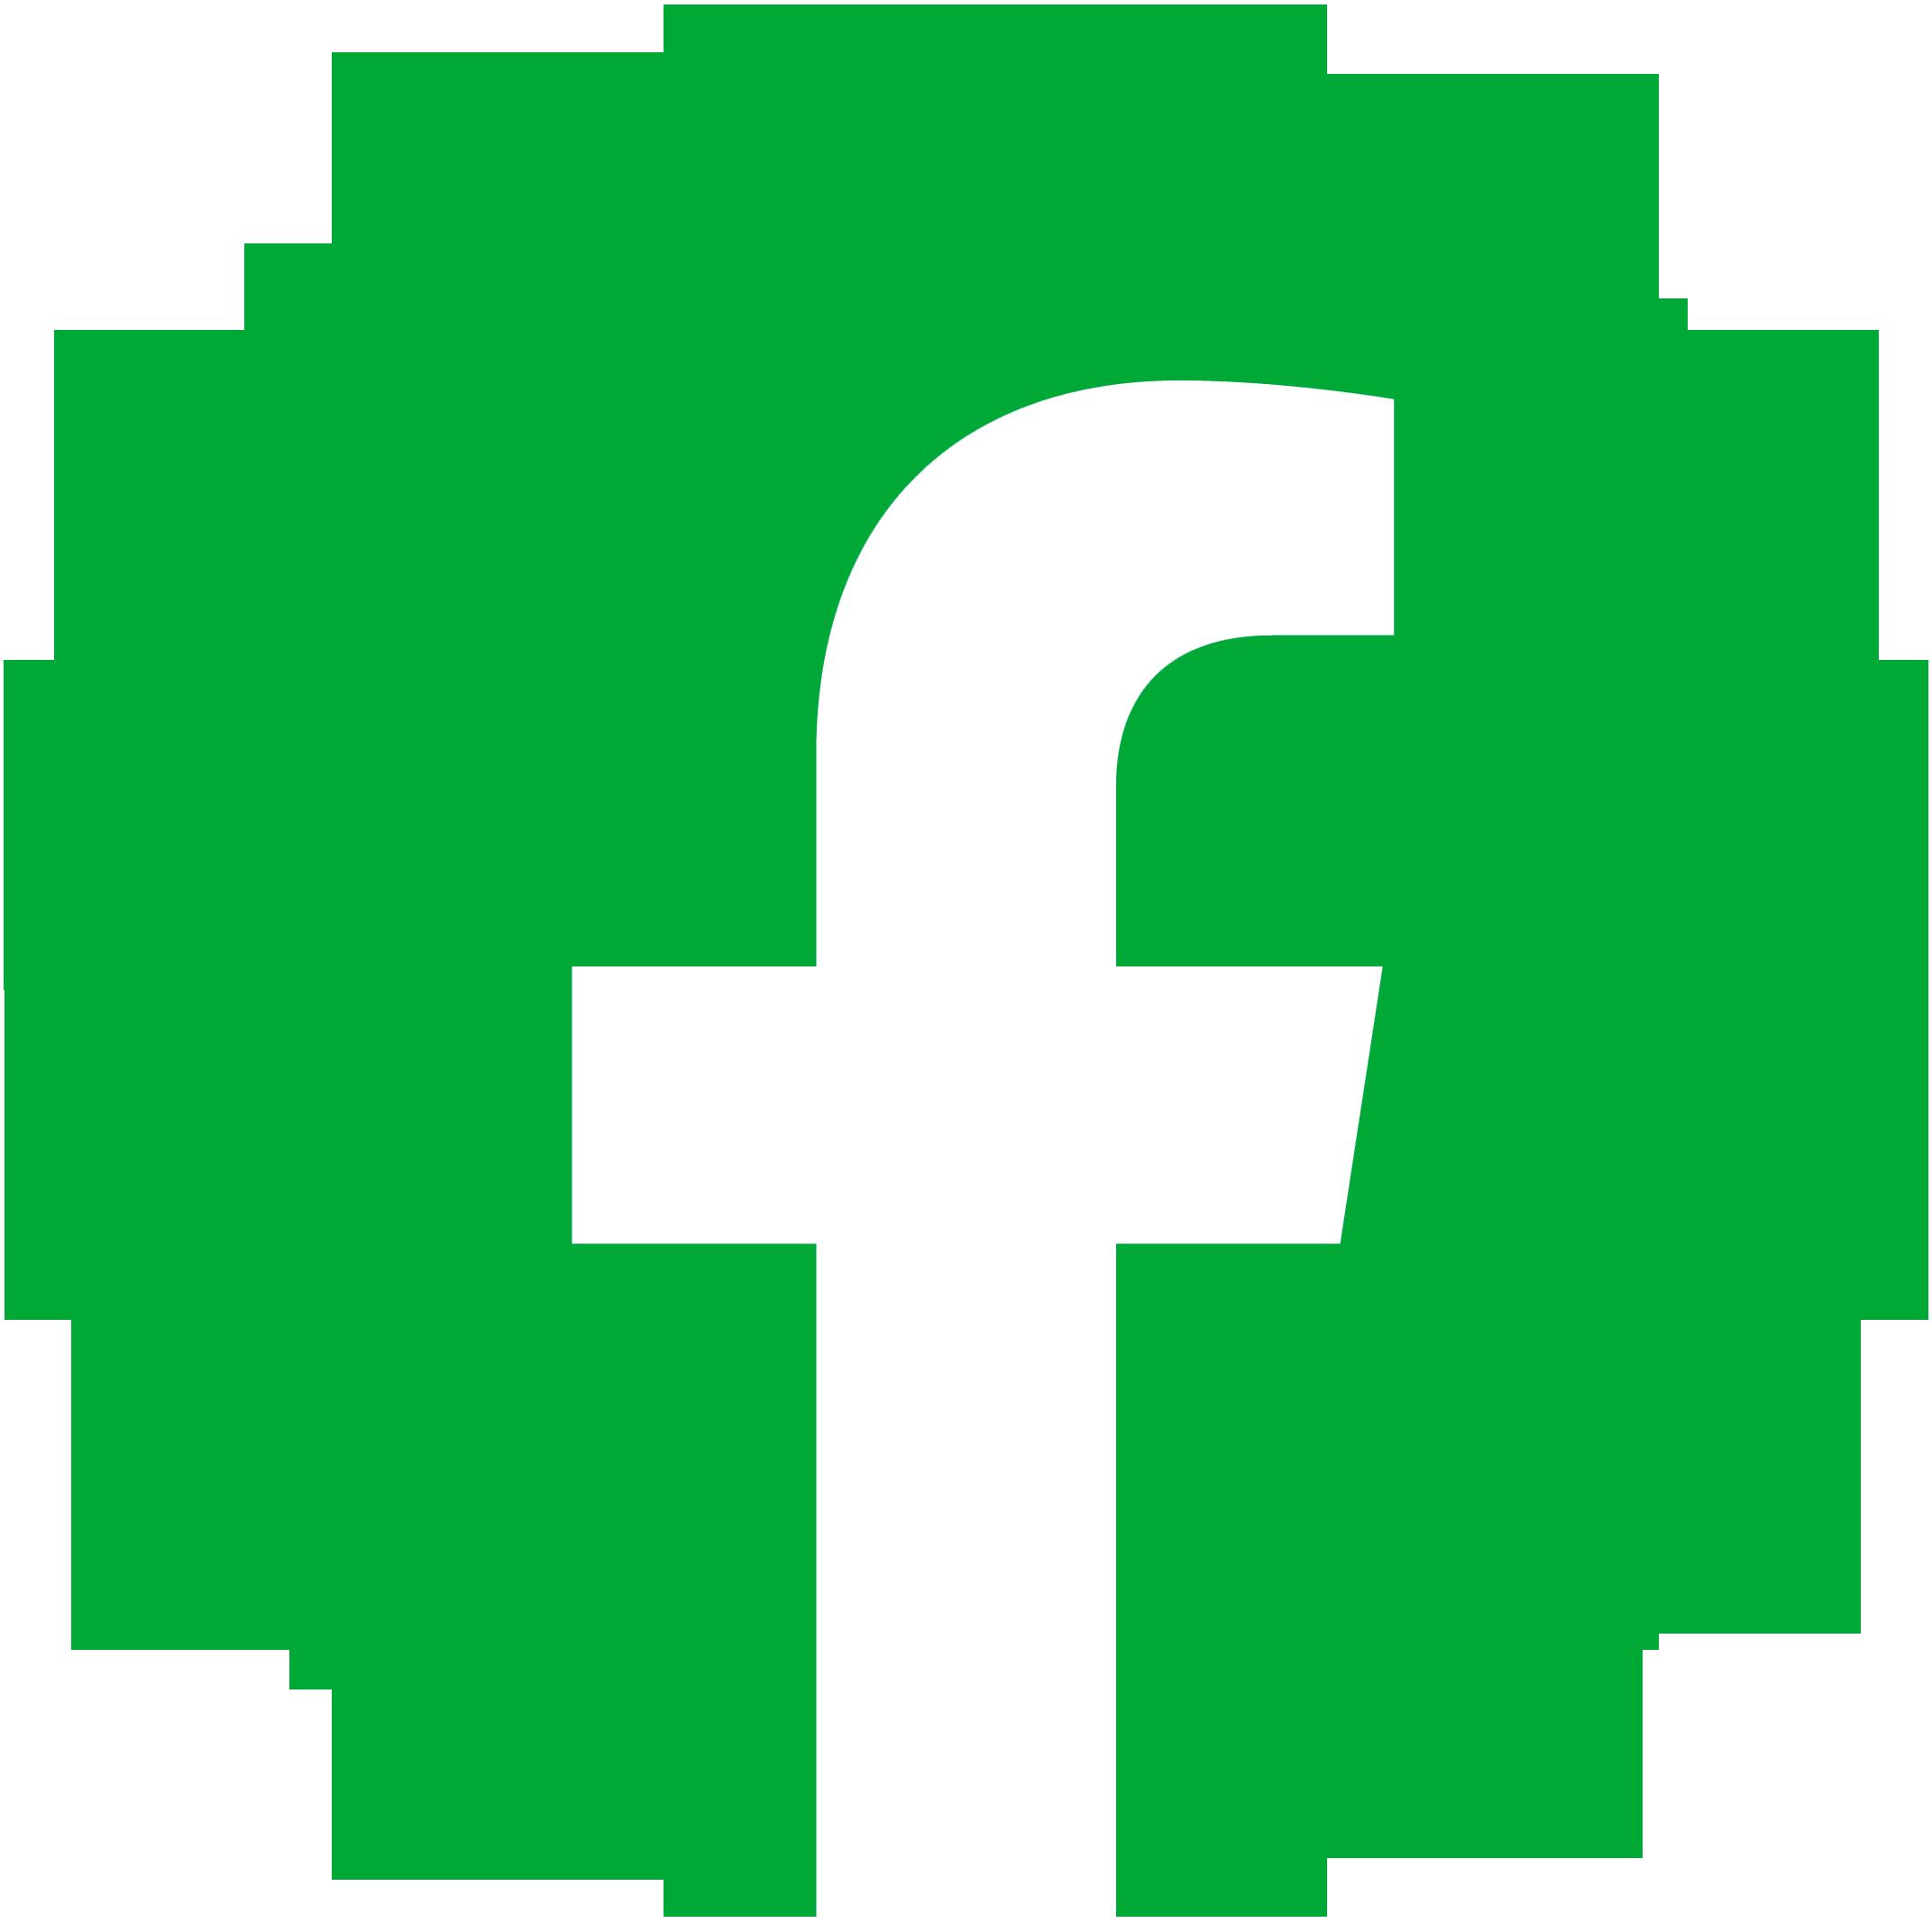 Zaun-GT Bluschke und Reiner GbR - Logo